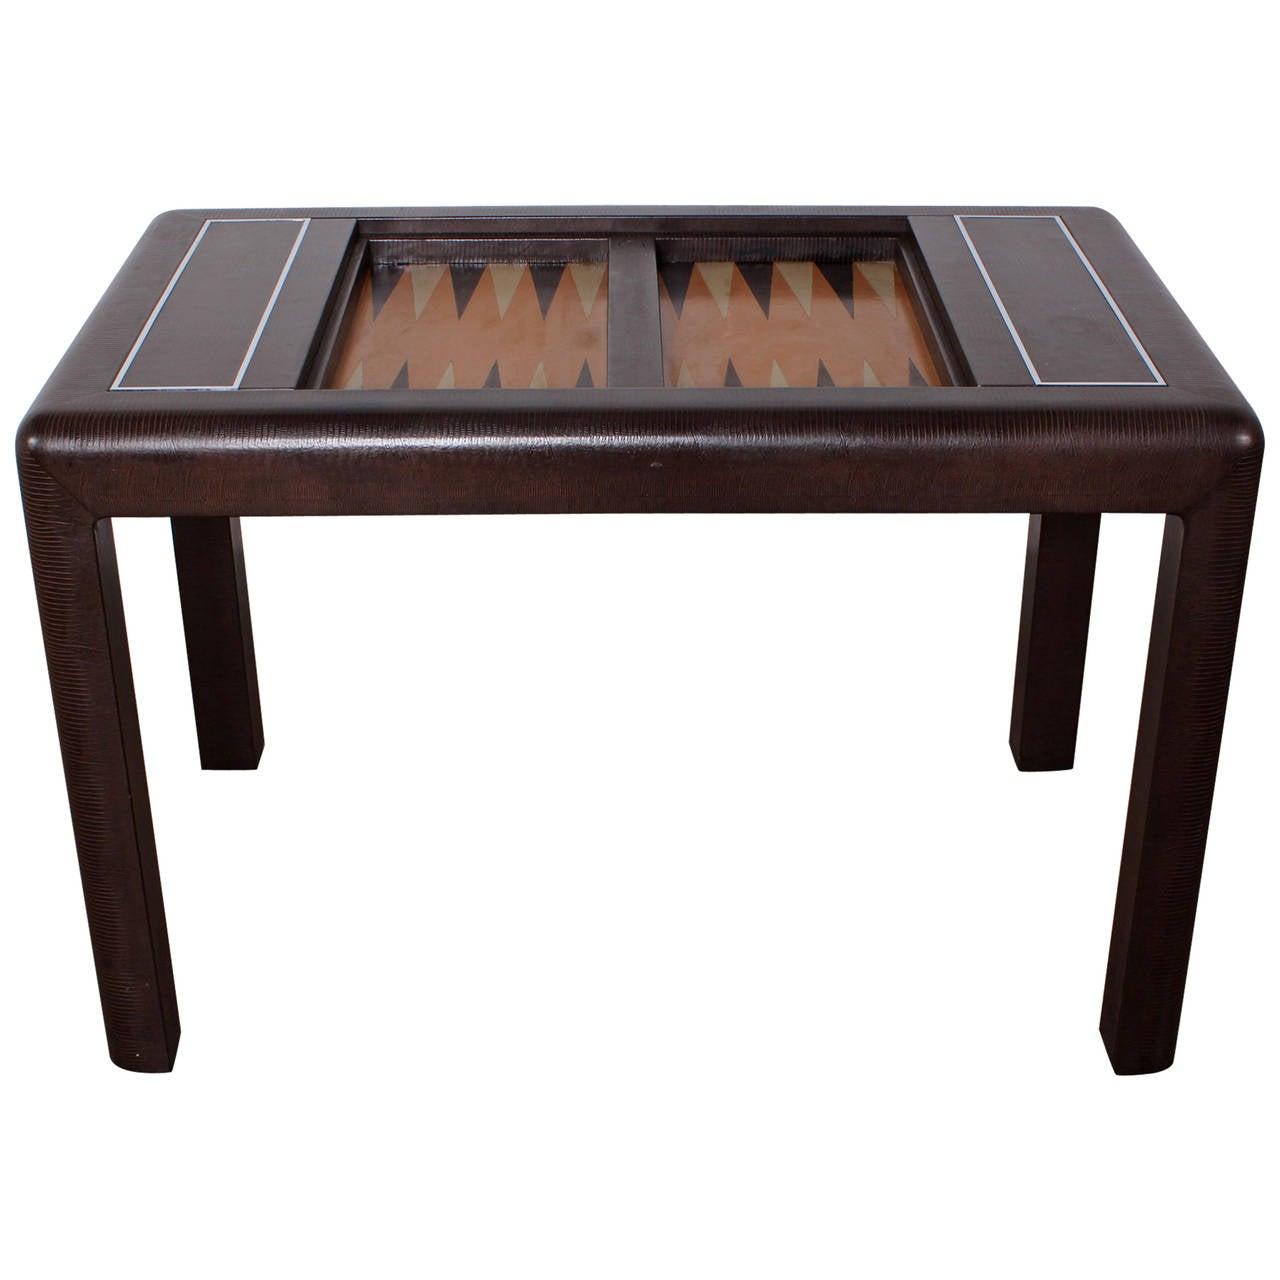 backgammon game table by karl springer at 1stdibs. Black Bedroom Furniture Sets. Home Design Ideas